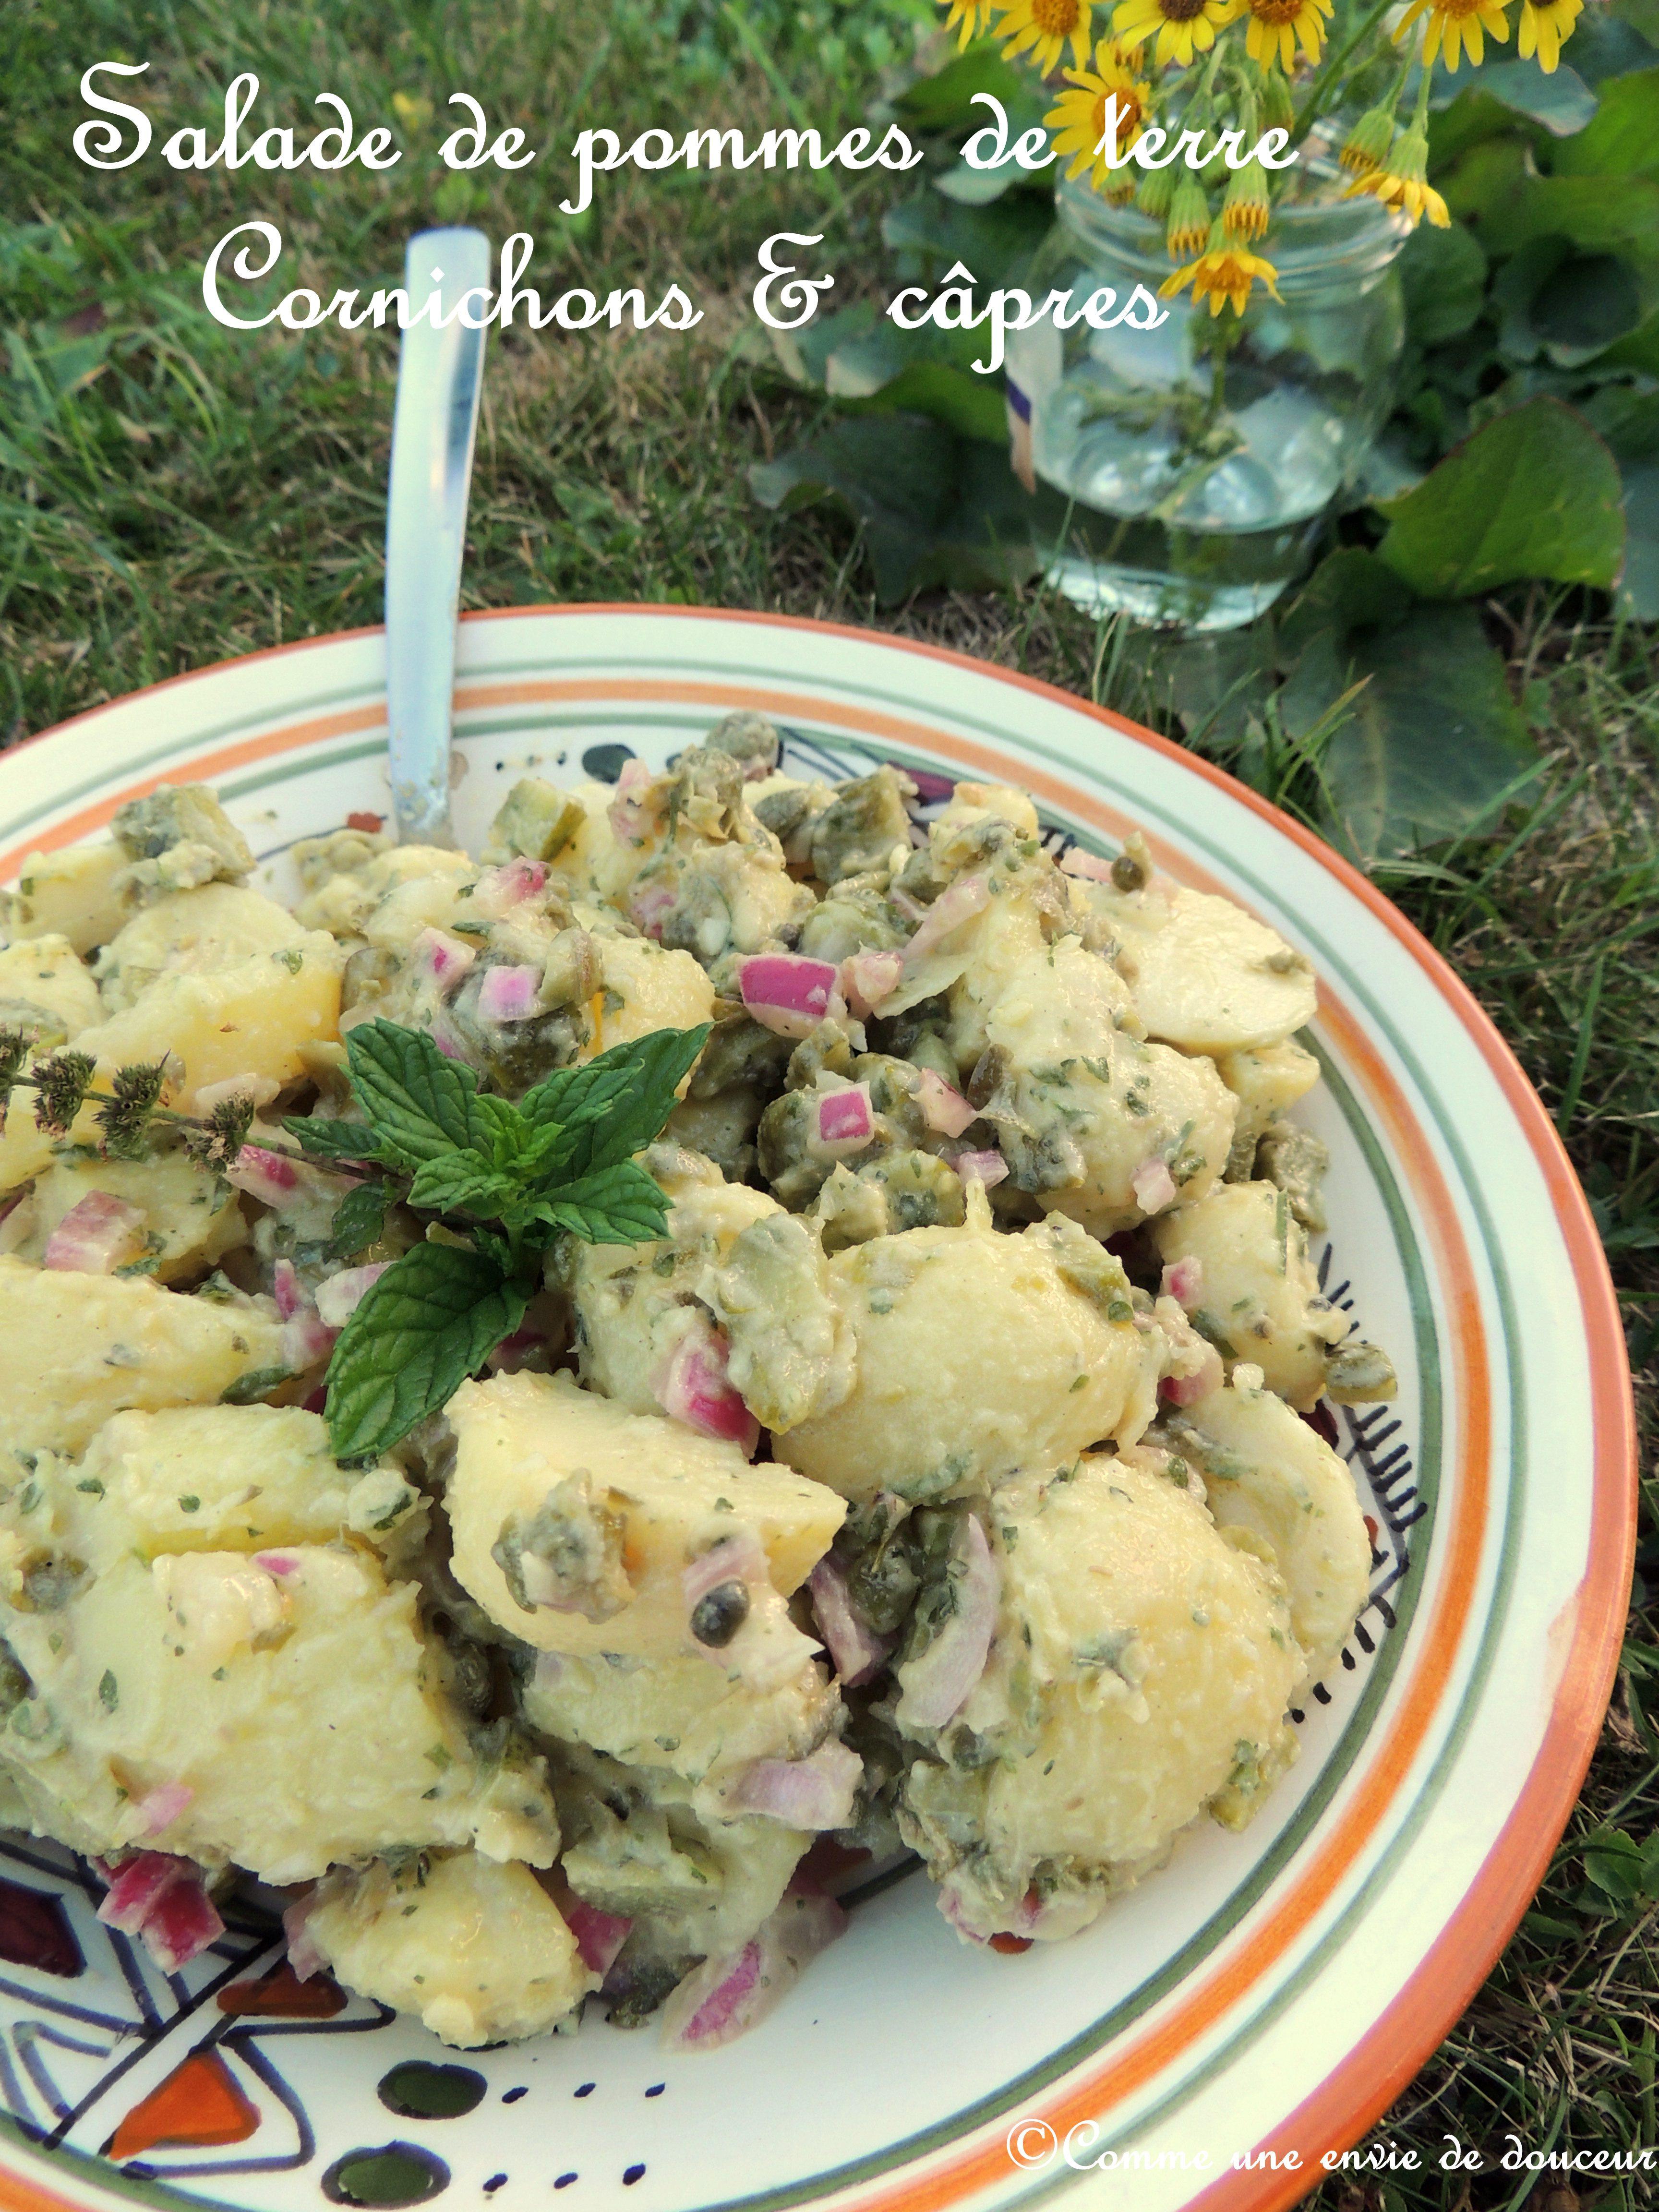 Salade de pommes de terre câpres & cornichons